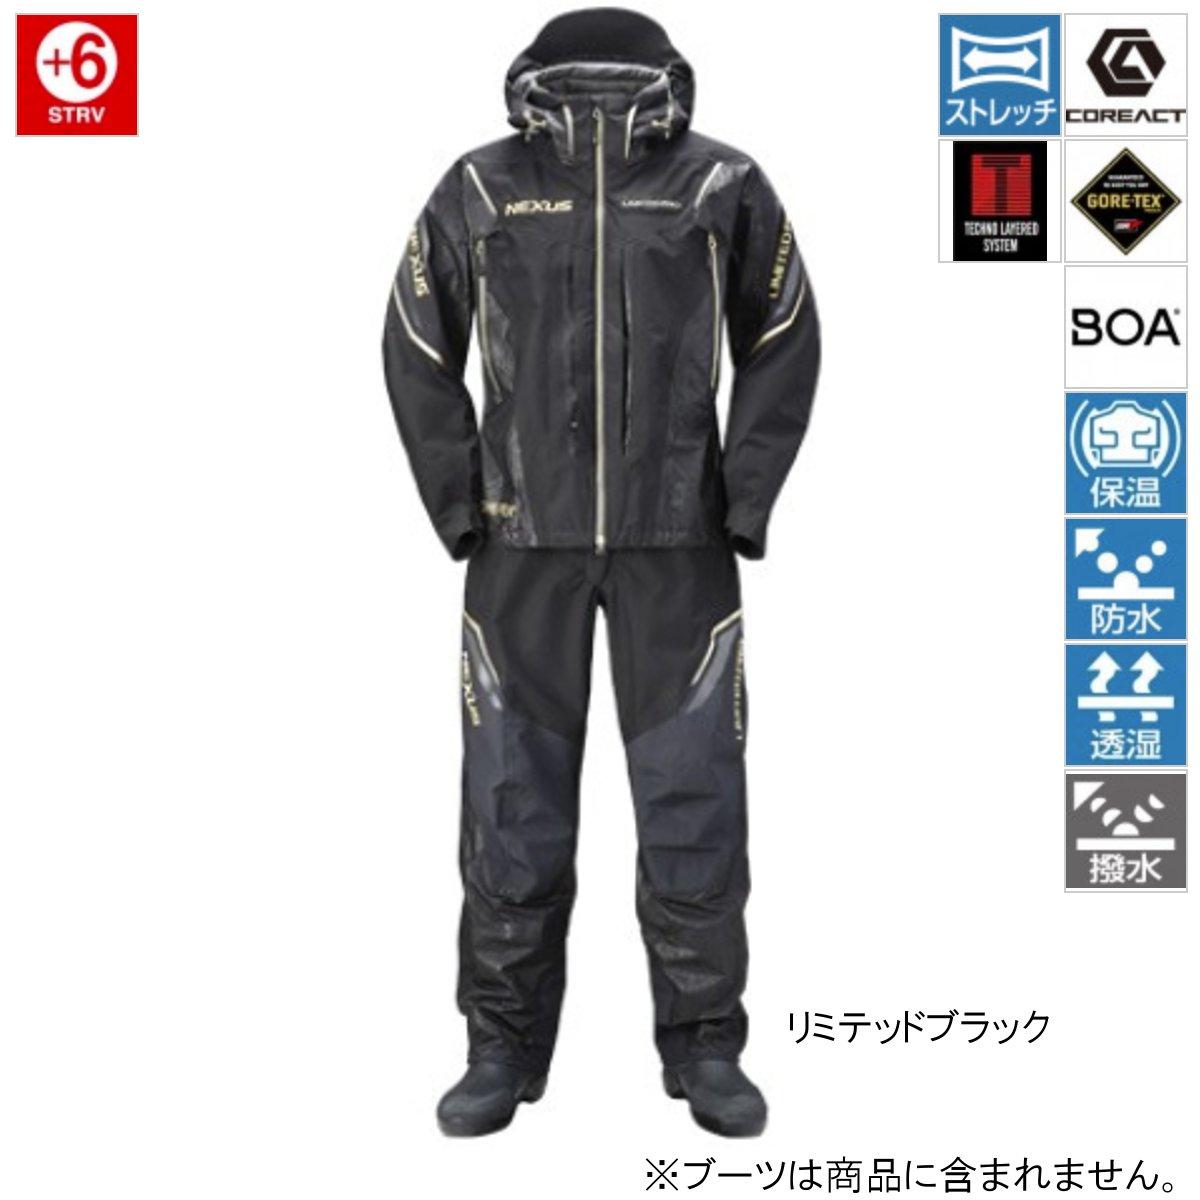 シマノ NEXUS・GORE-TEXプロテクトスーツ LIMITED PRO RT-112R 2XL リミテッドブラック